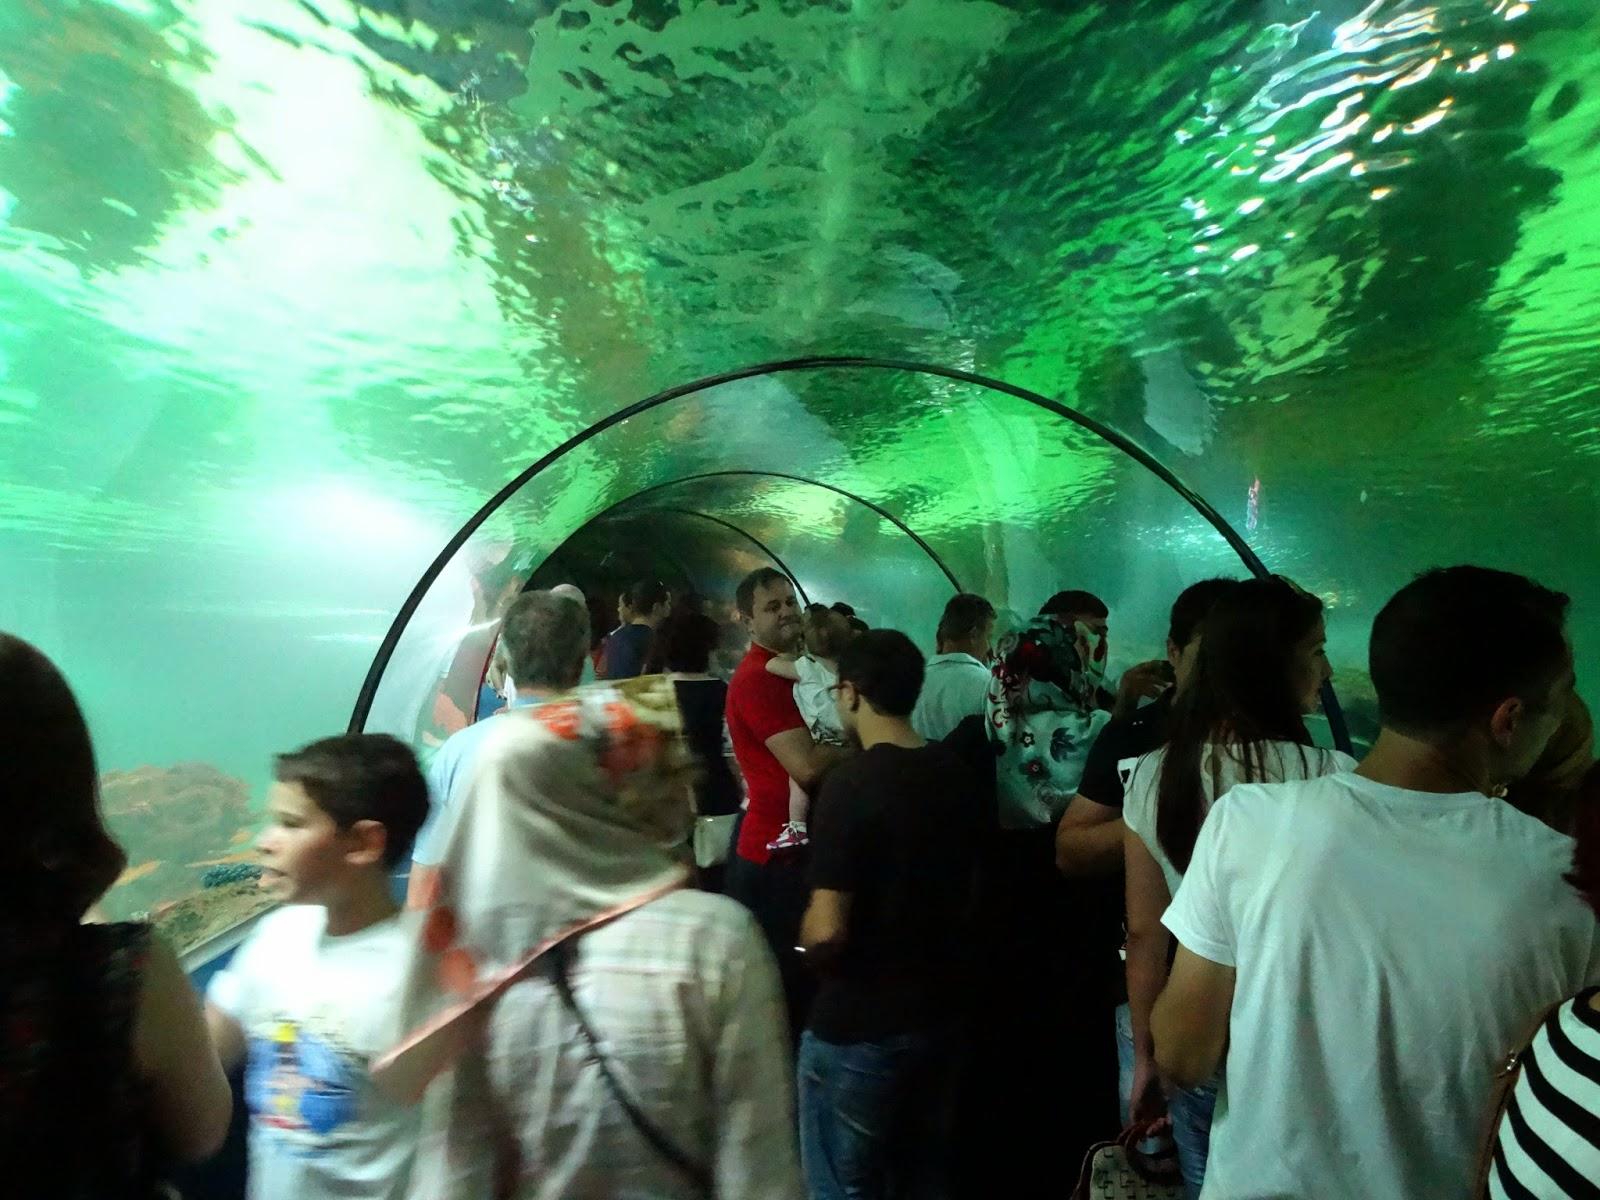 Tesisi gezenler bir taraftan köpekbalığı vatoz gibi derin deniz